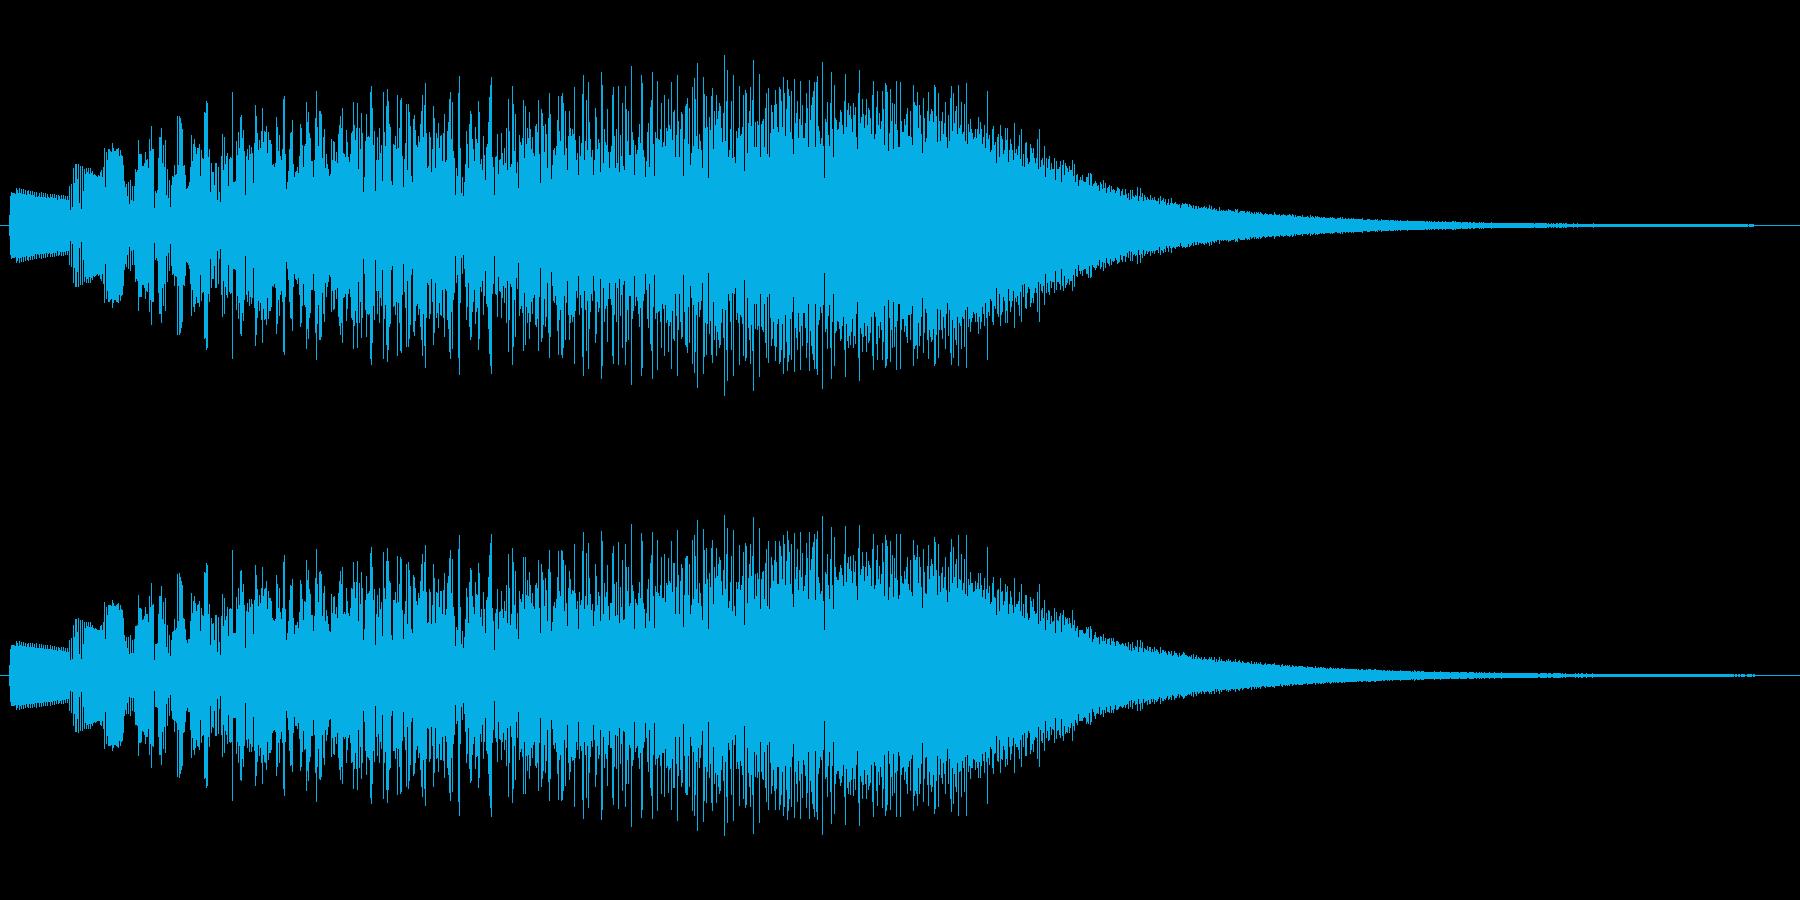 ハーブをなぞるようにひいた天国感の音の再生済みの波形